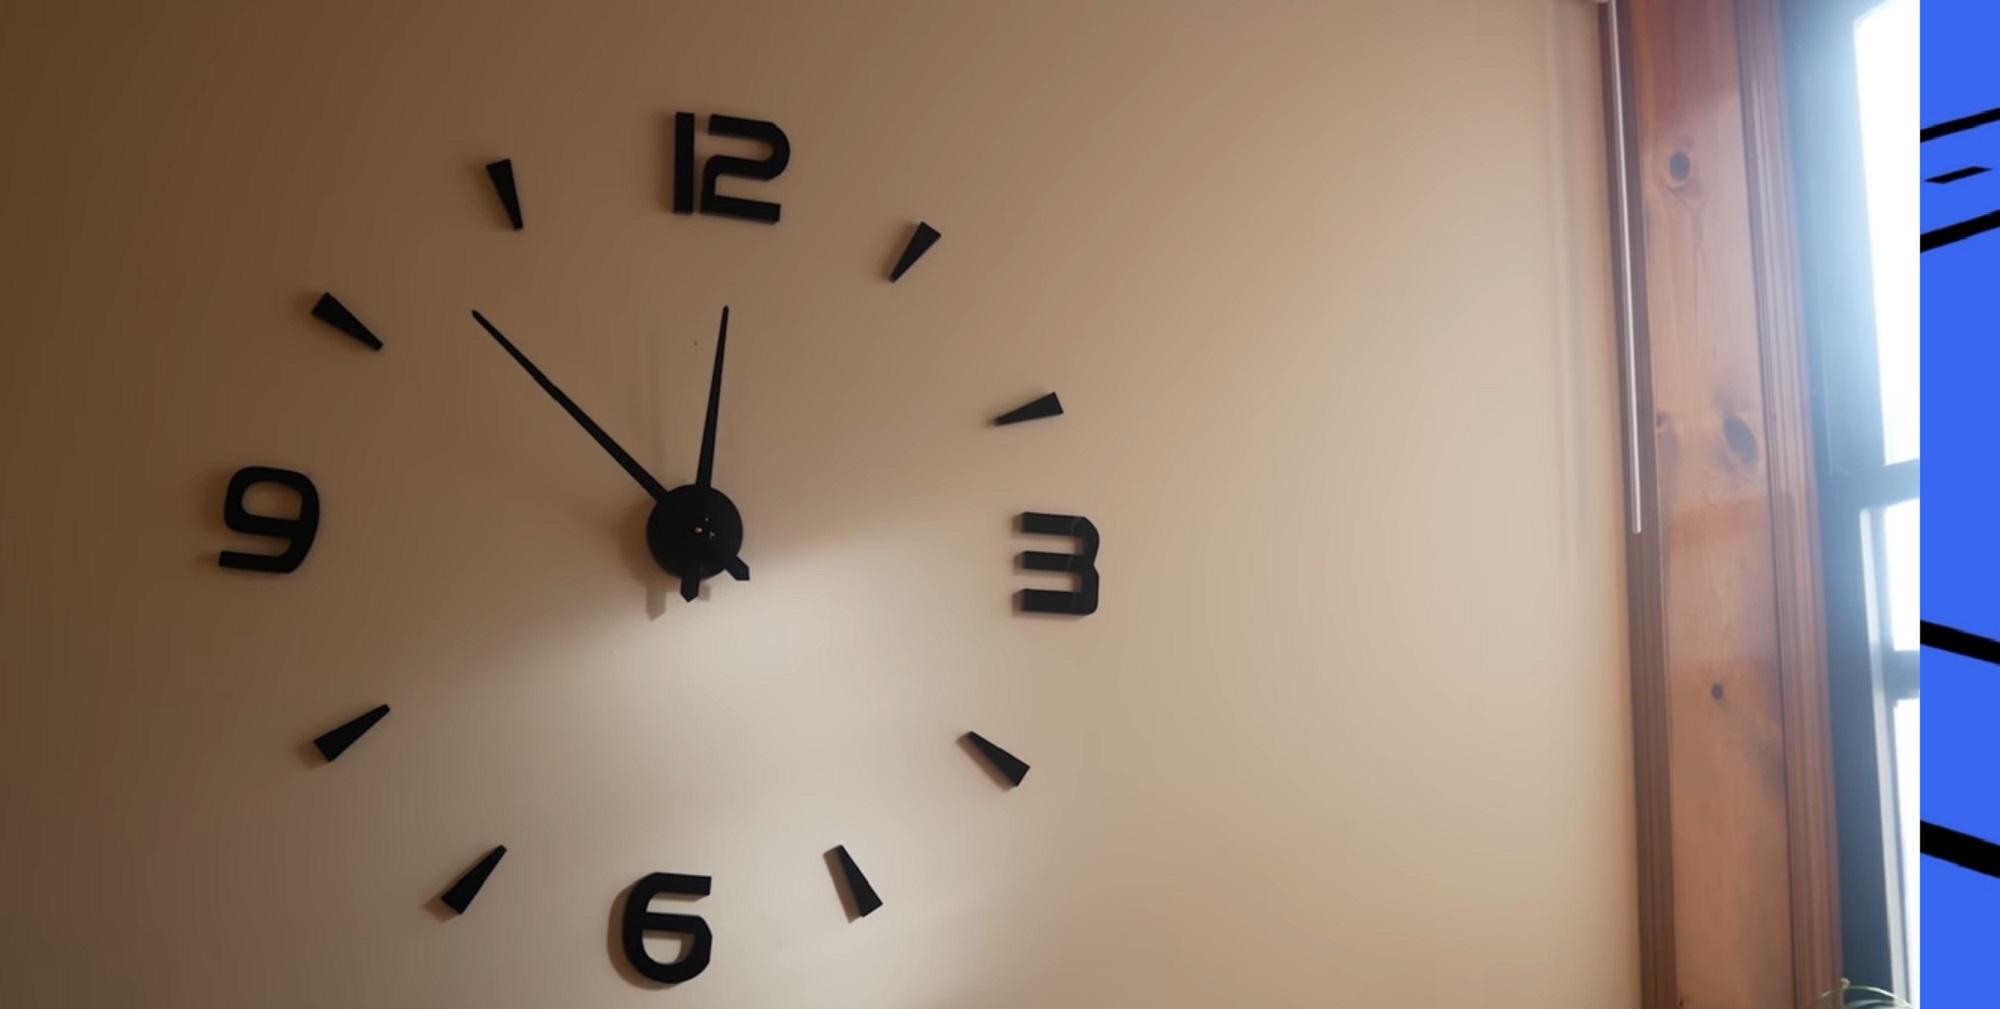 من المصريين القدماء إلى الصين.. من هو مخترع الساعة الحقيقي؟